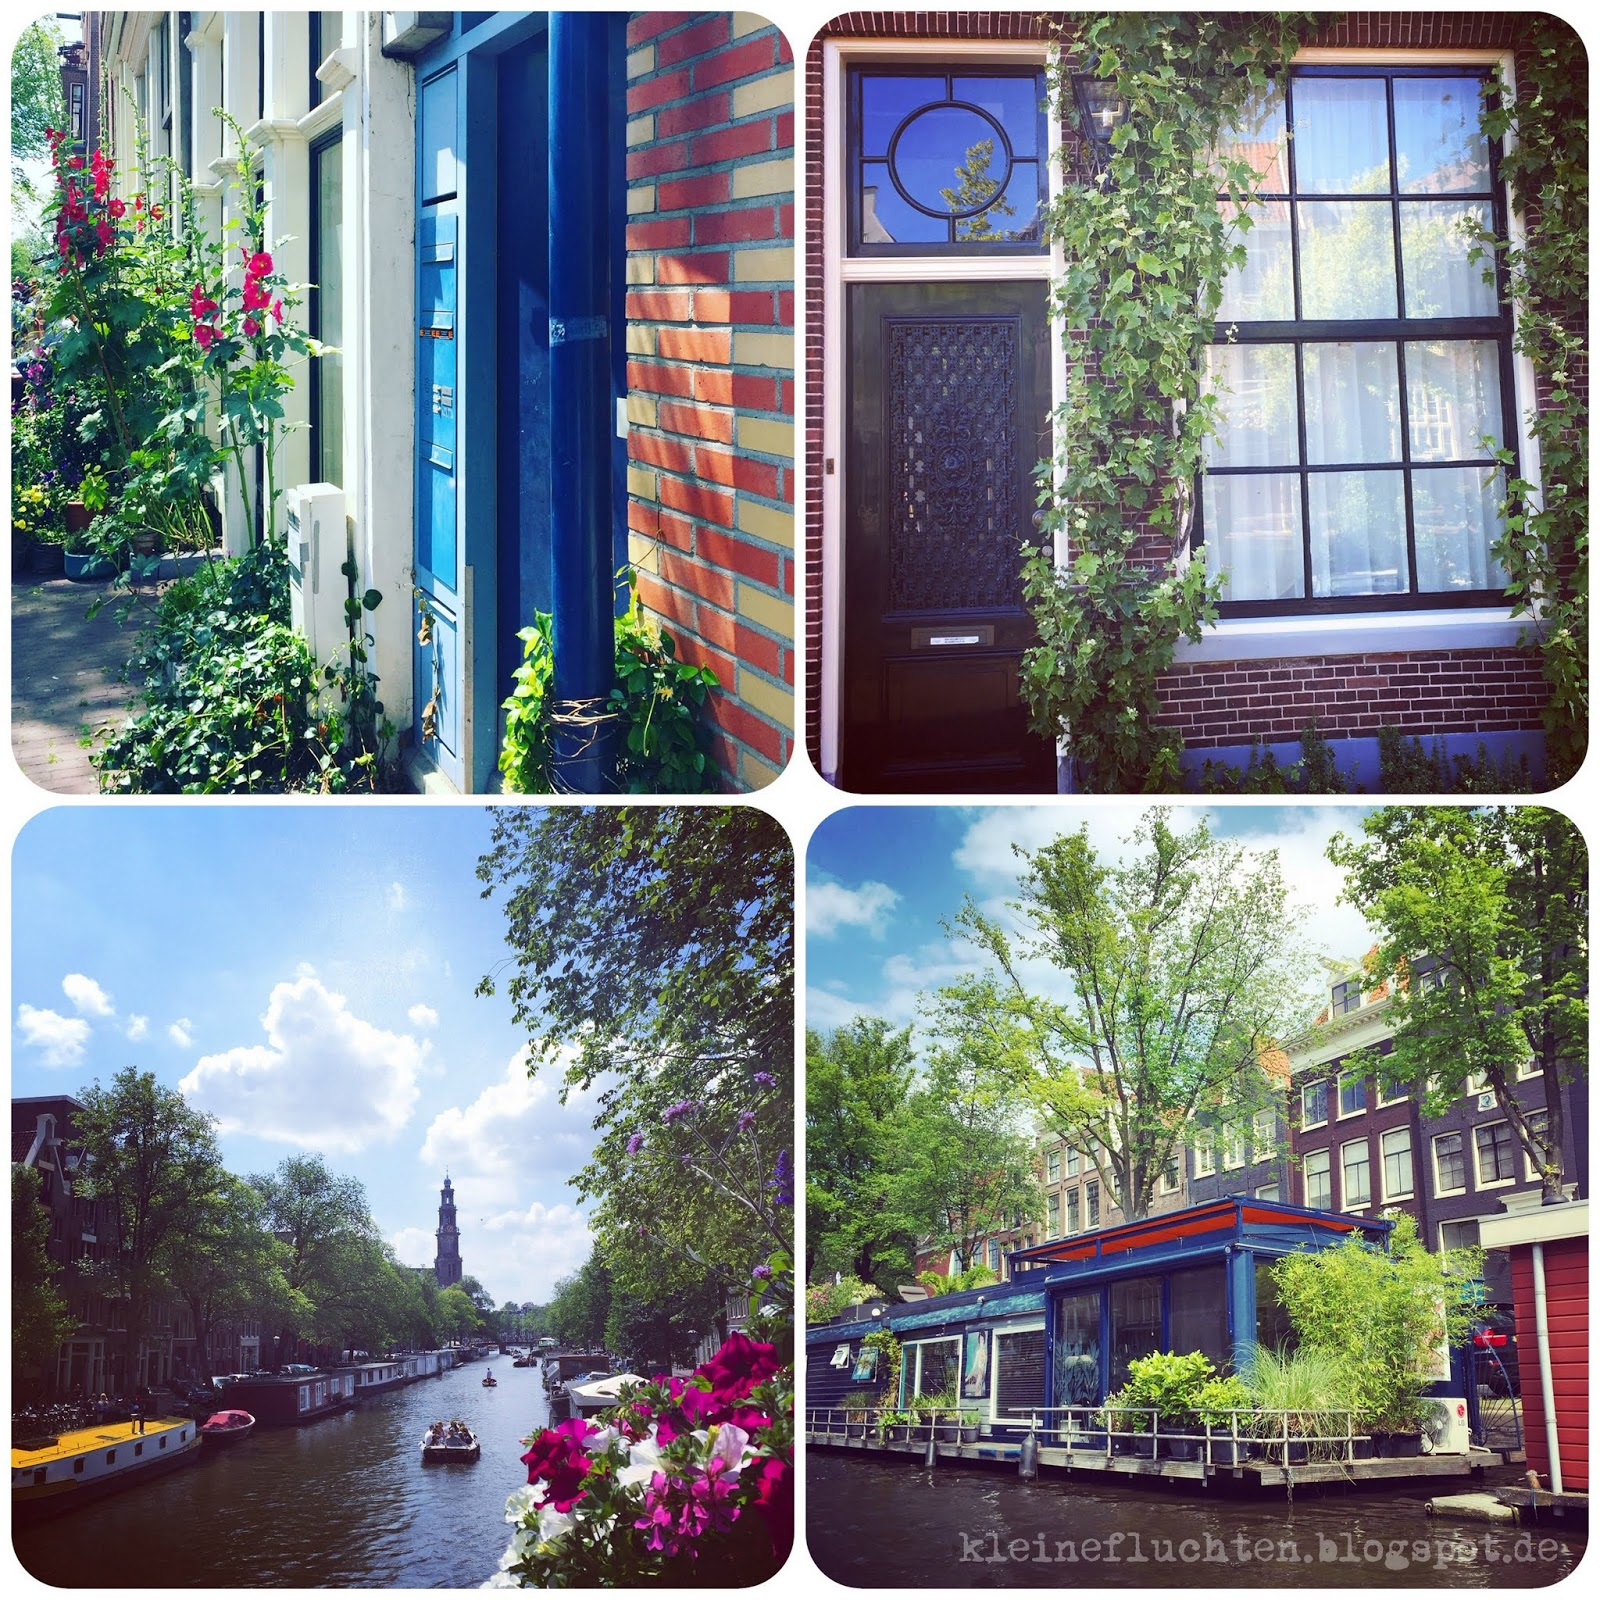 Mein Insta Wochenende In Holland Kleine Fluchten Bloglovin